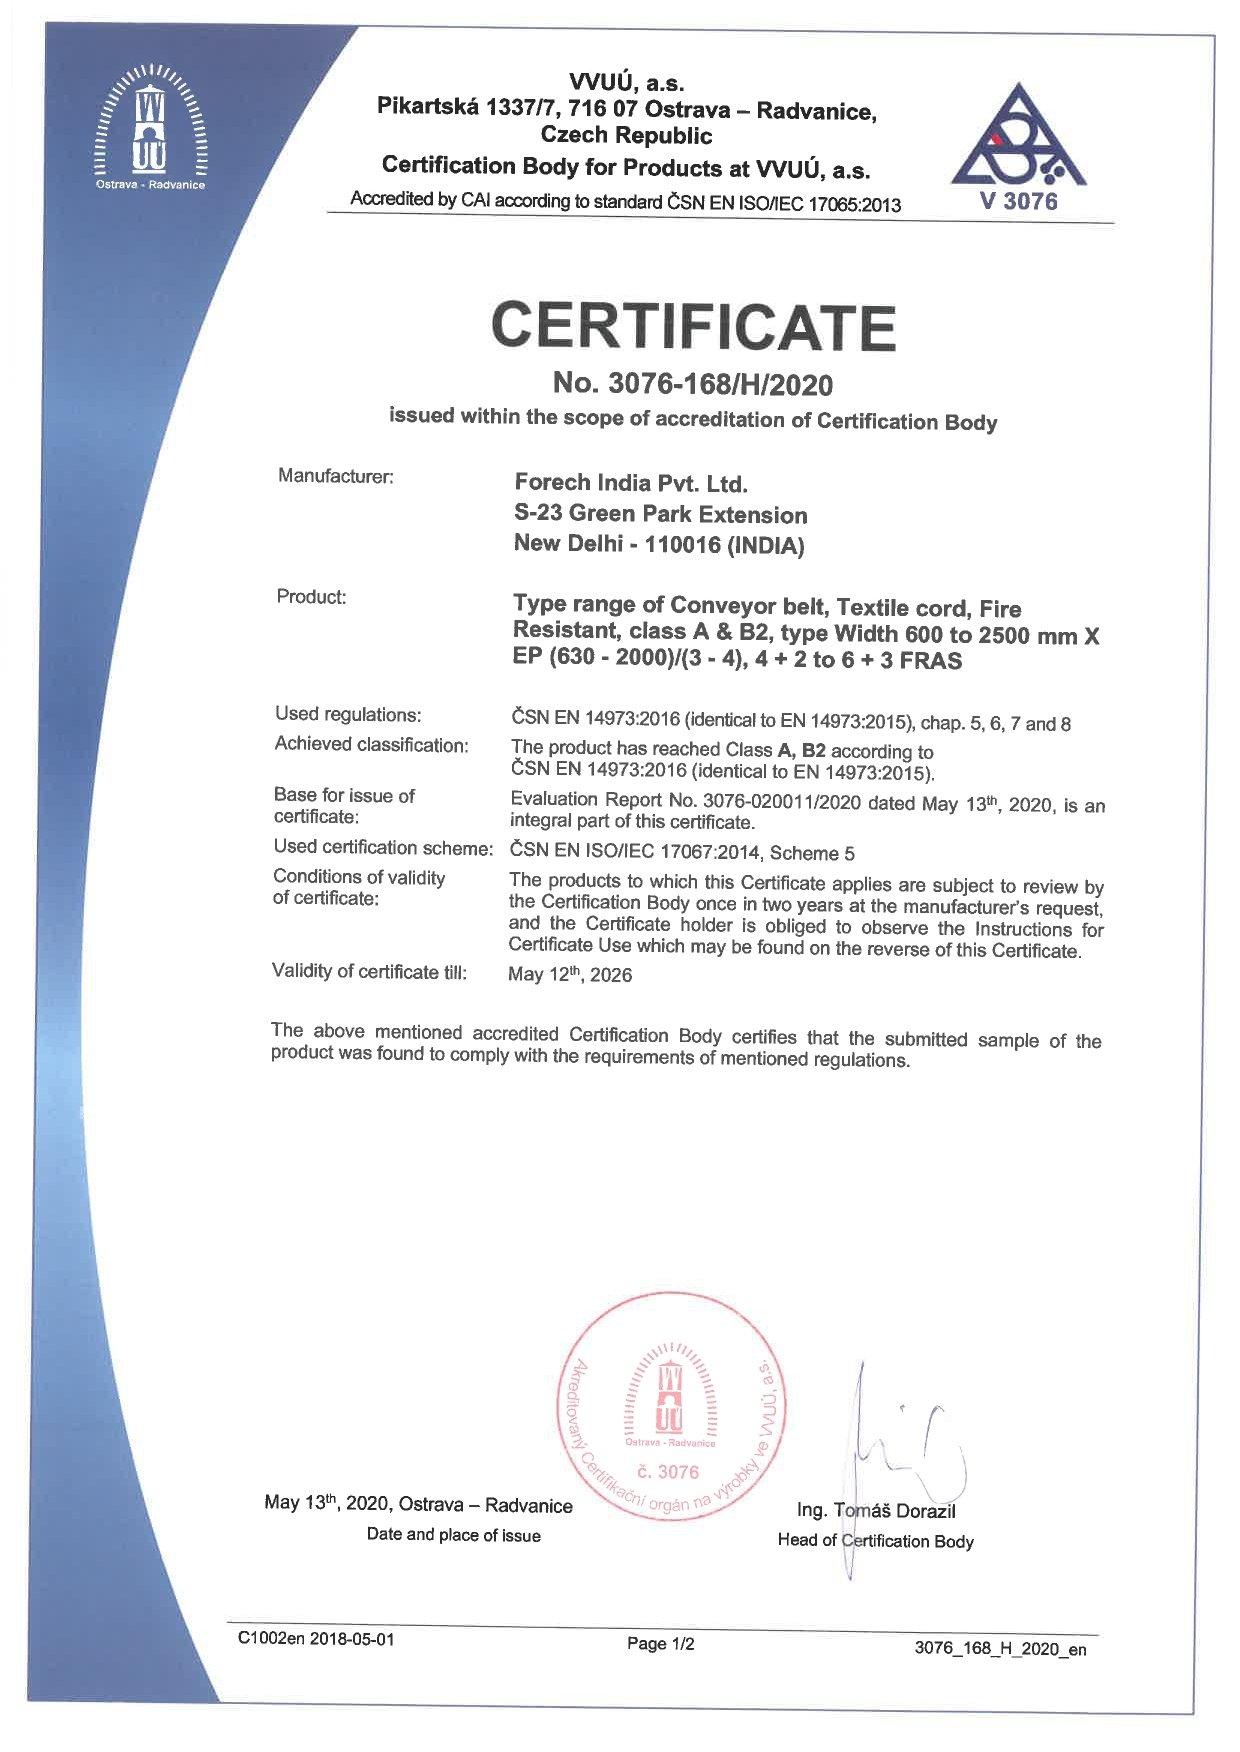 Scan of EN 14973:2016 certificate